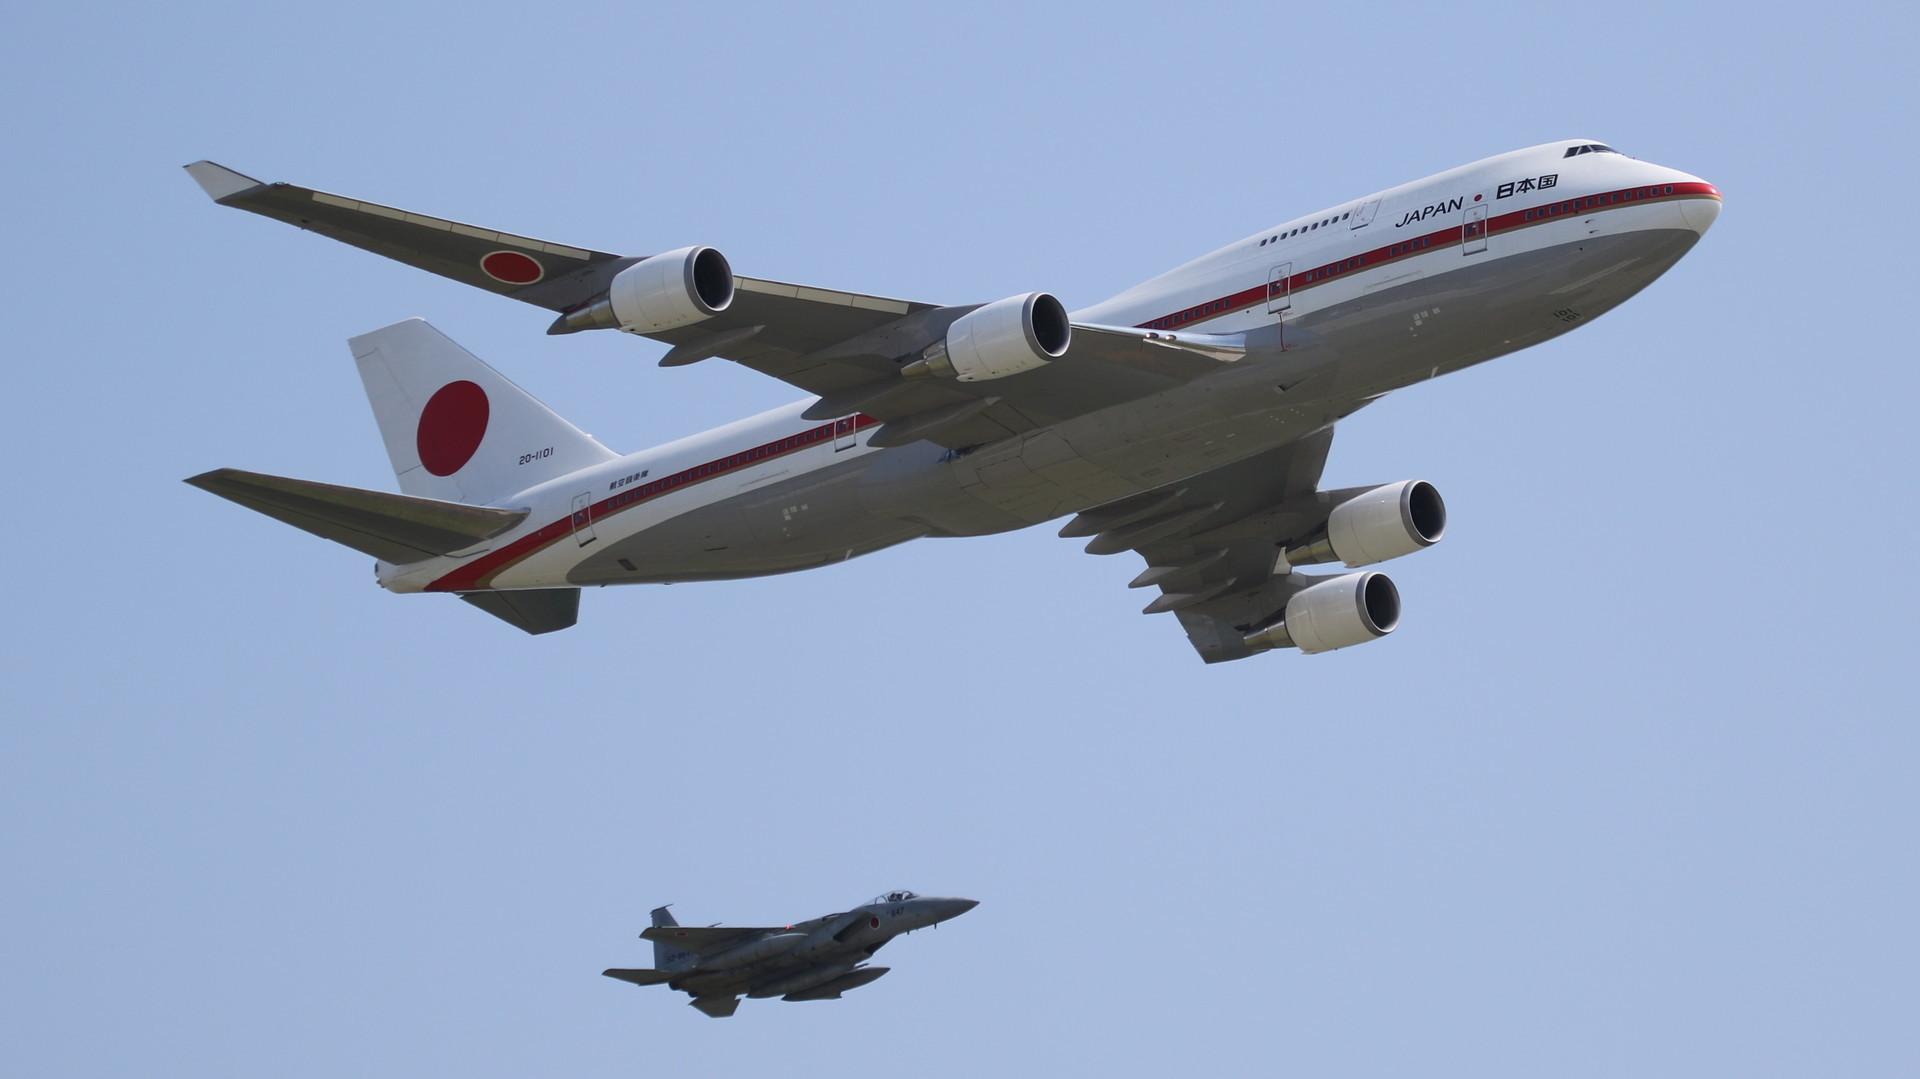 専用 機 政府 政府専用機コールサインは【Japanese Air